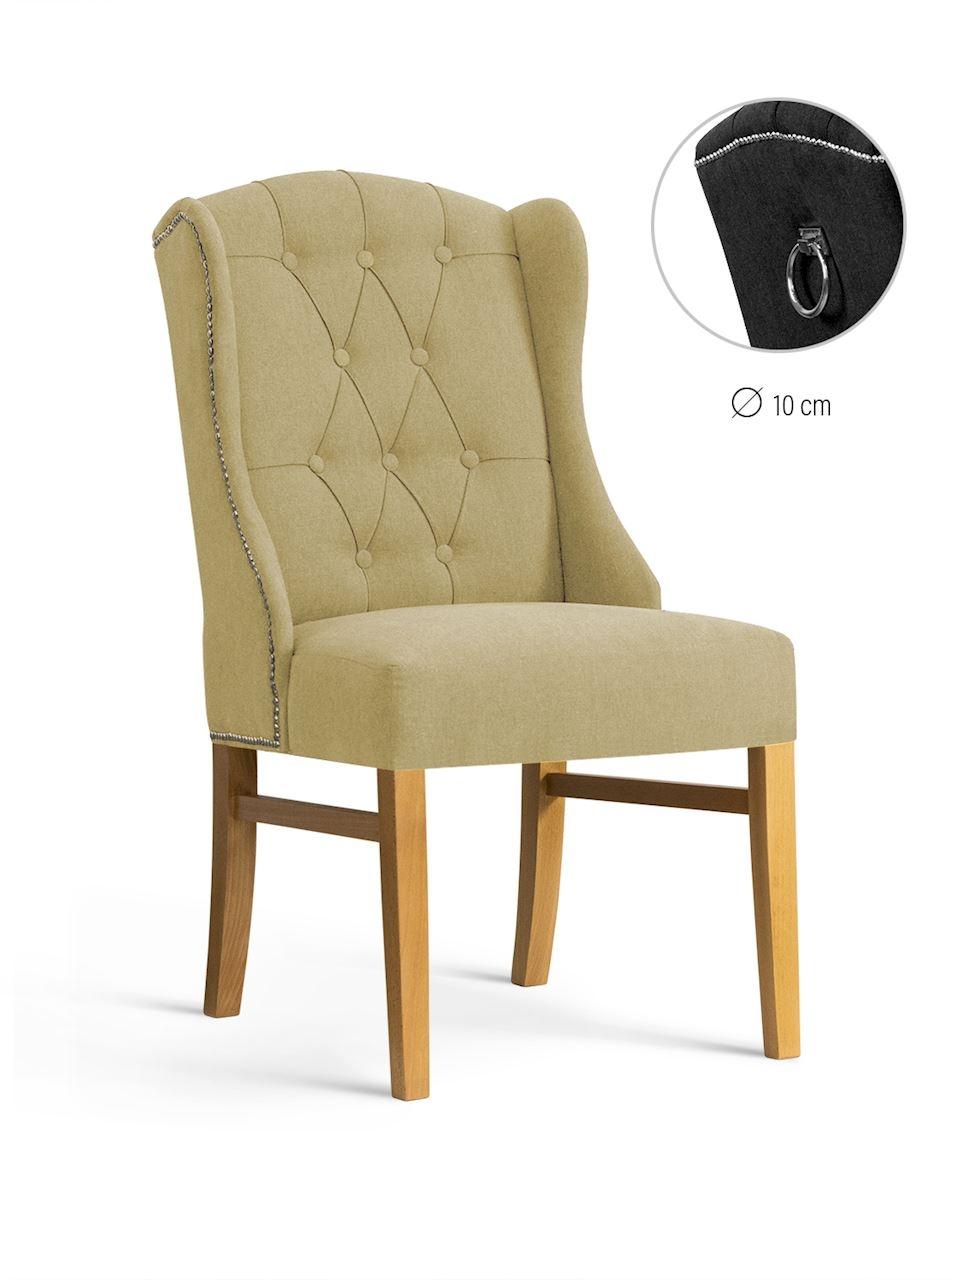 Scaun tapitat cu stofa, cu picioare din lemn Royal Beige / Oak, l55xA74xH105 cm